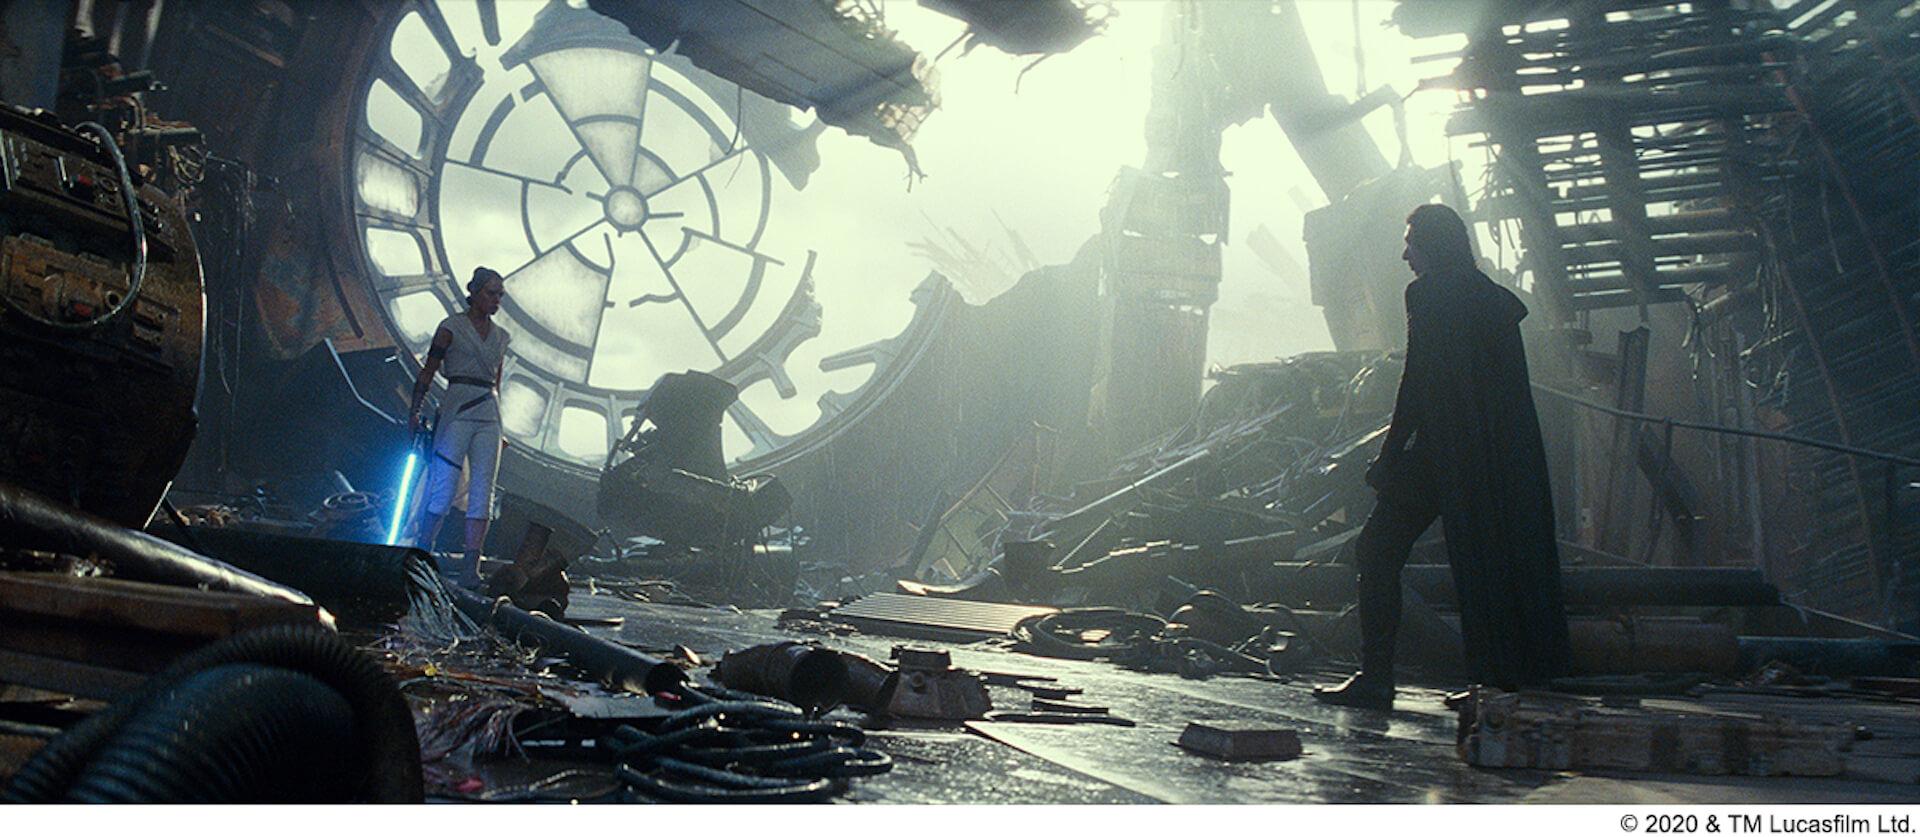 ついに『スター・ウォーズ/スカイウォーカーの夜明け』のMovieNEXが登場!サーガ全9作をコンプリートしたBOX盤も発売 video200306_starwars_bluray_1